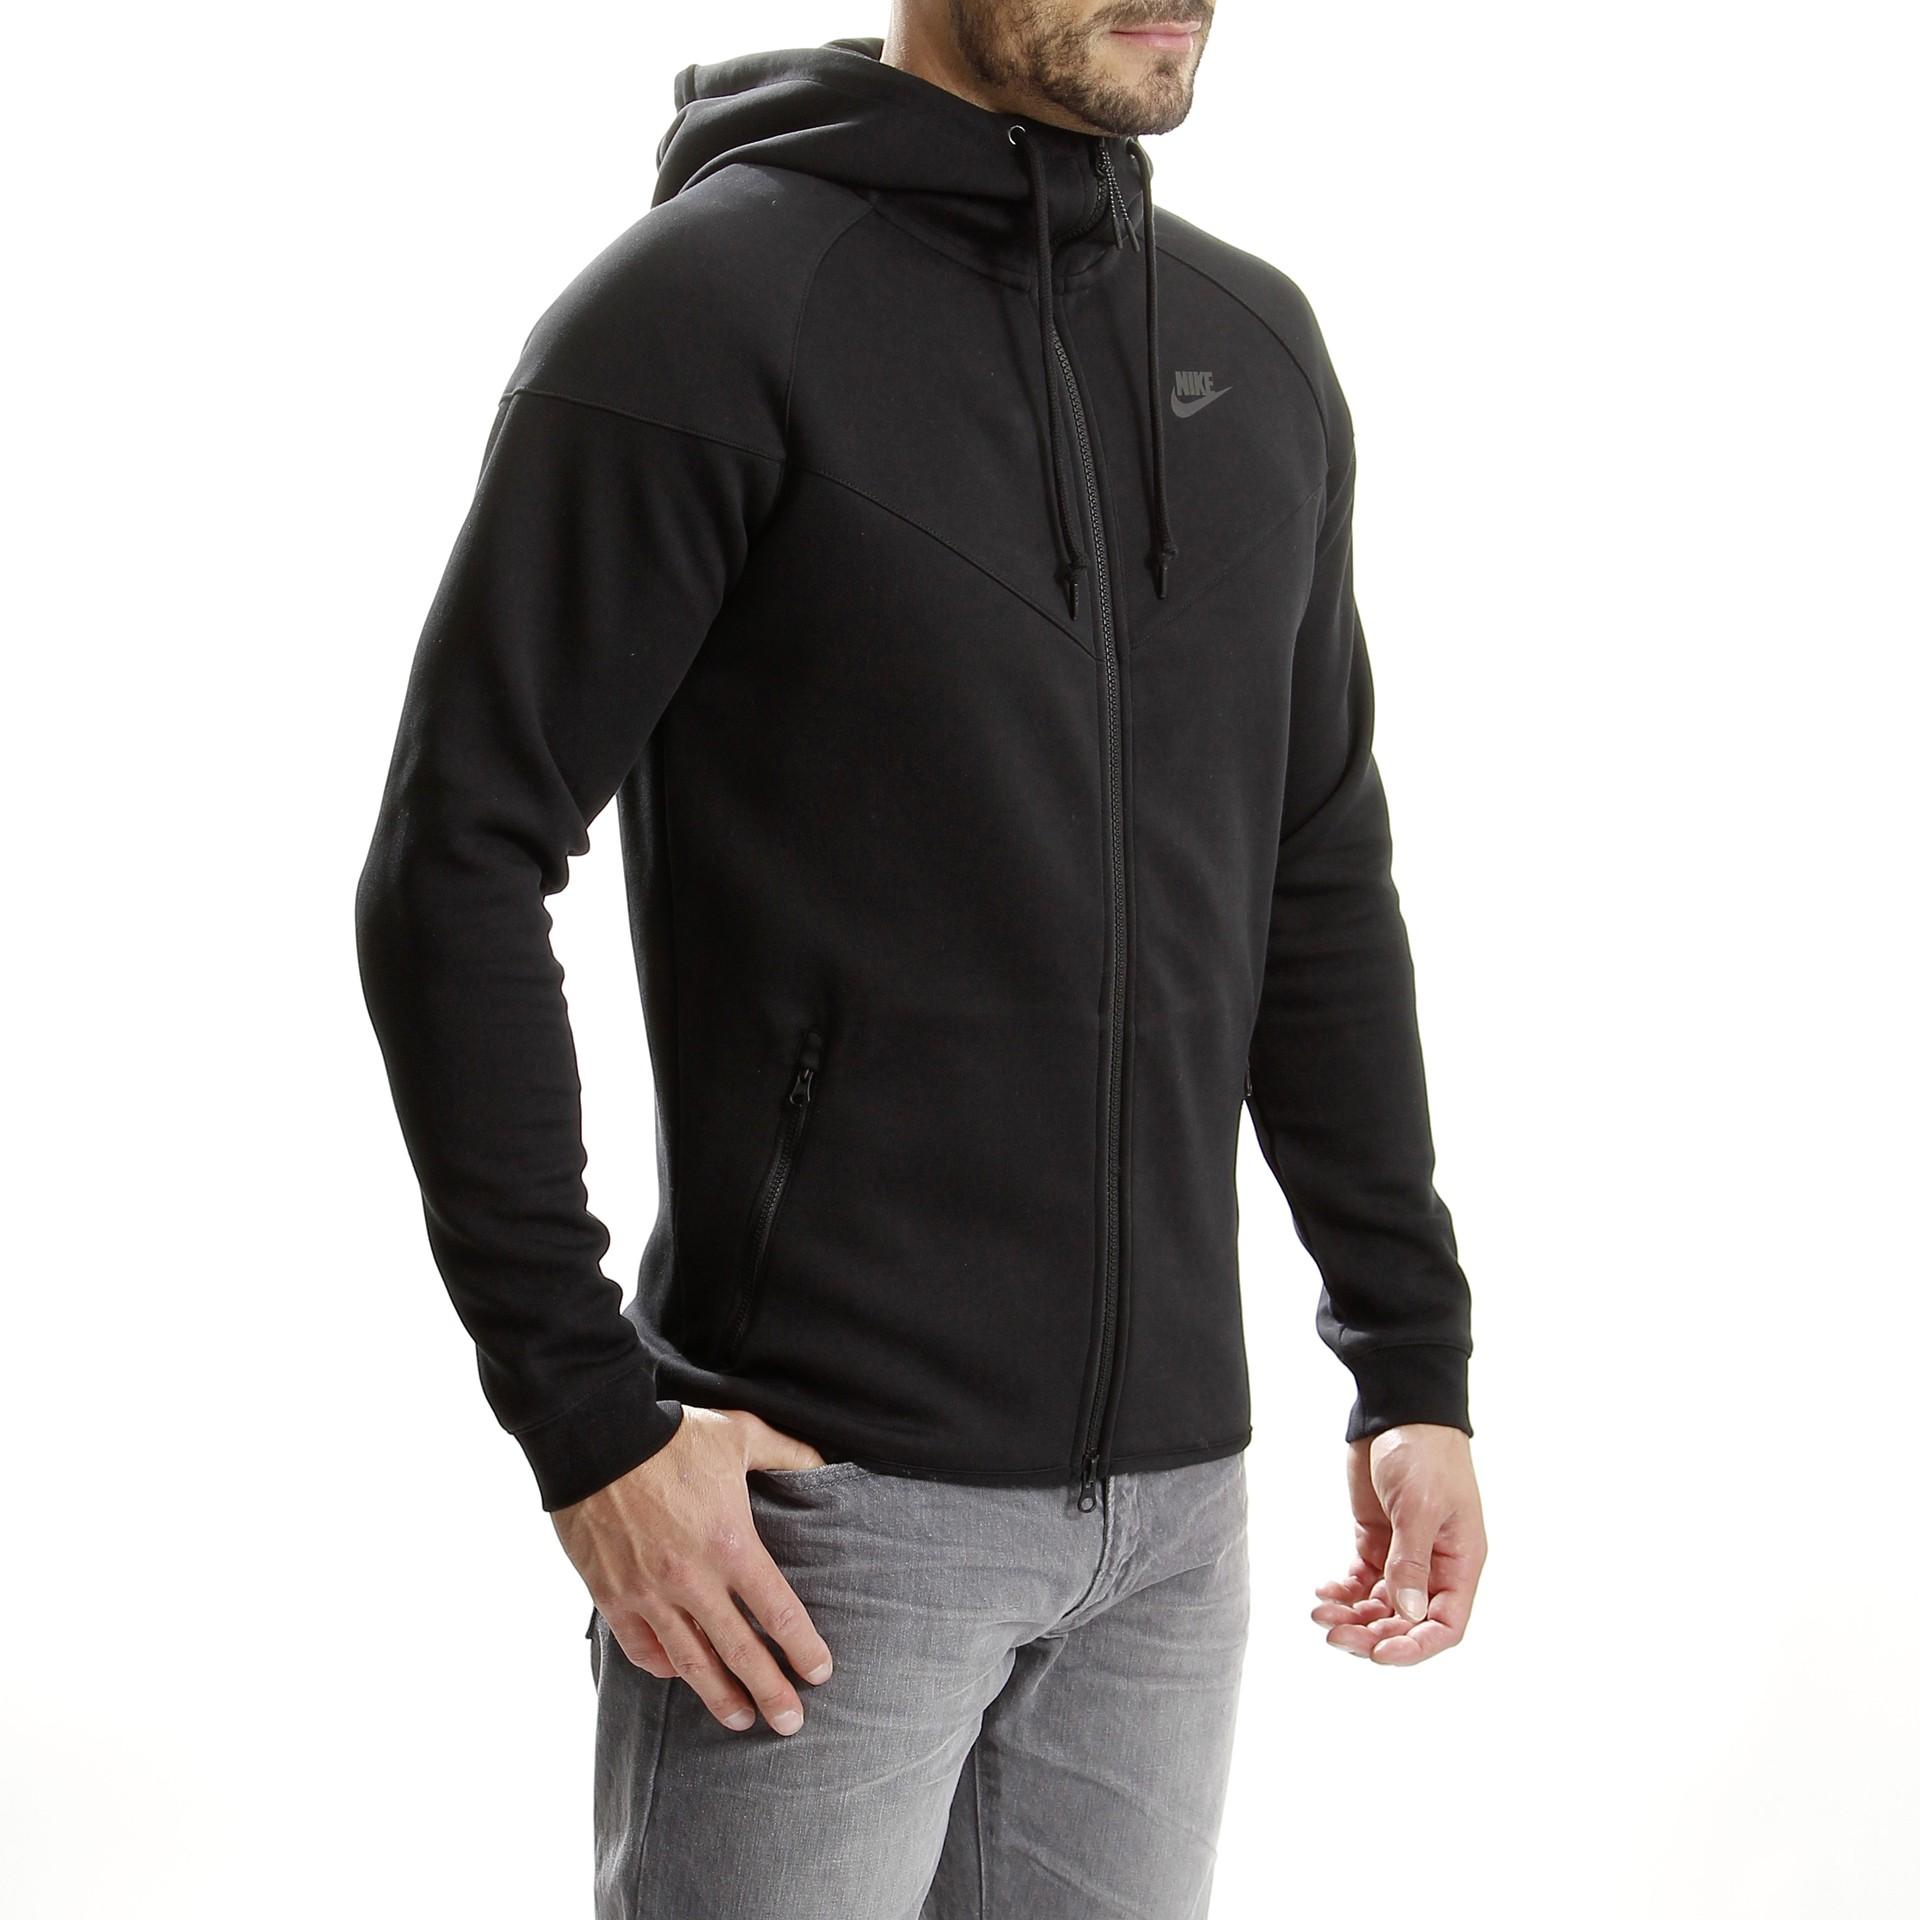 D hiver Noir Veste Vetement Doudoune Nike Pull Chapka Homme Amp  CX7qwXf b8558bacf421